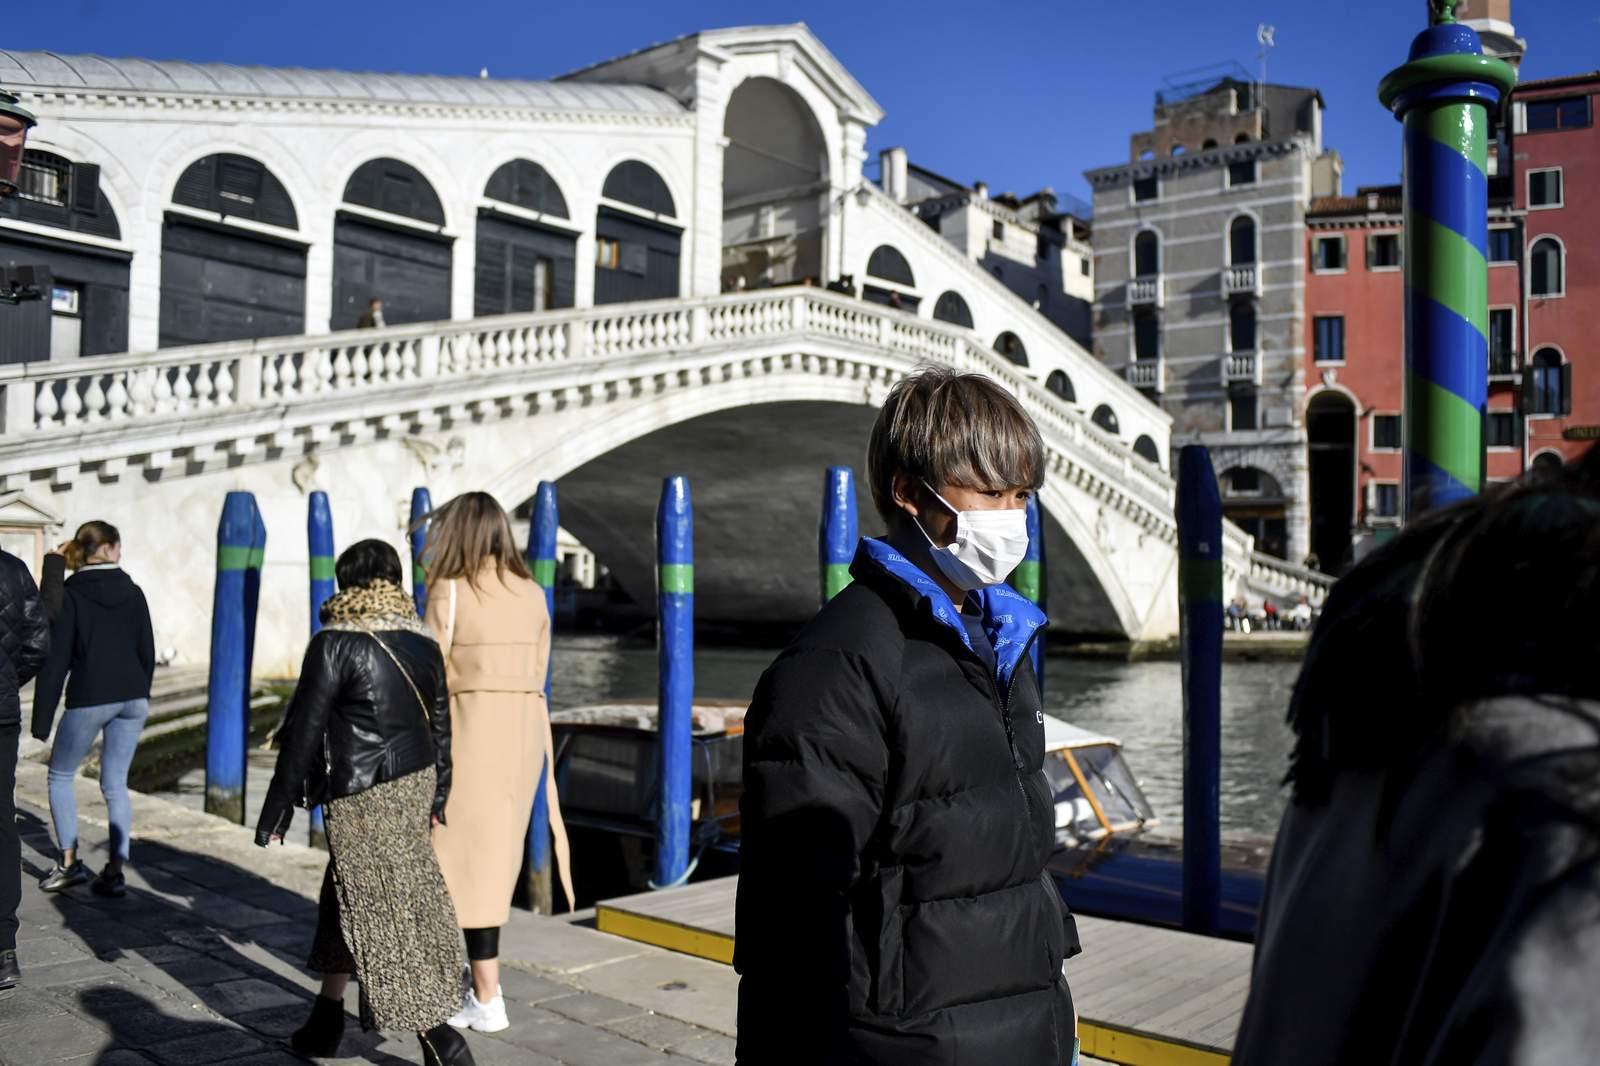 La asesoría de viajes de Estados Unidos 'golpe final' al turismo 28